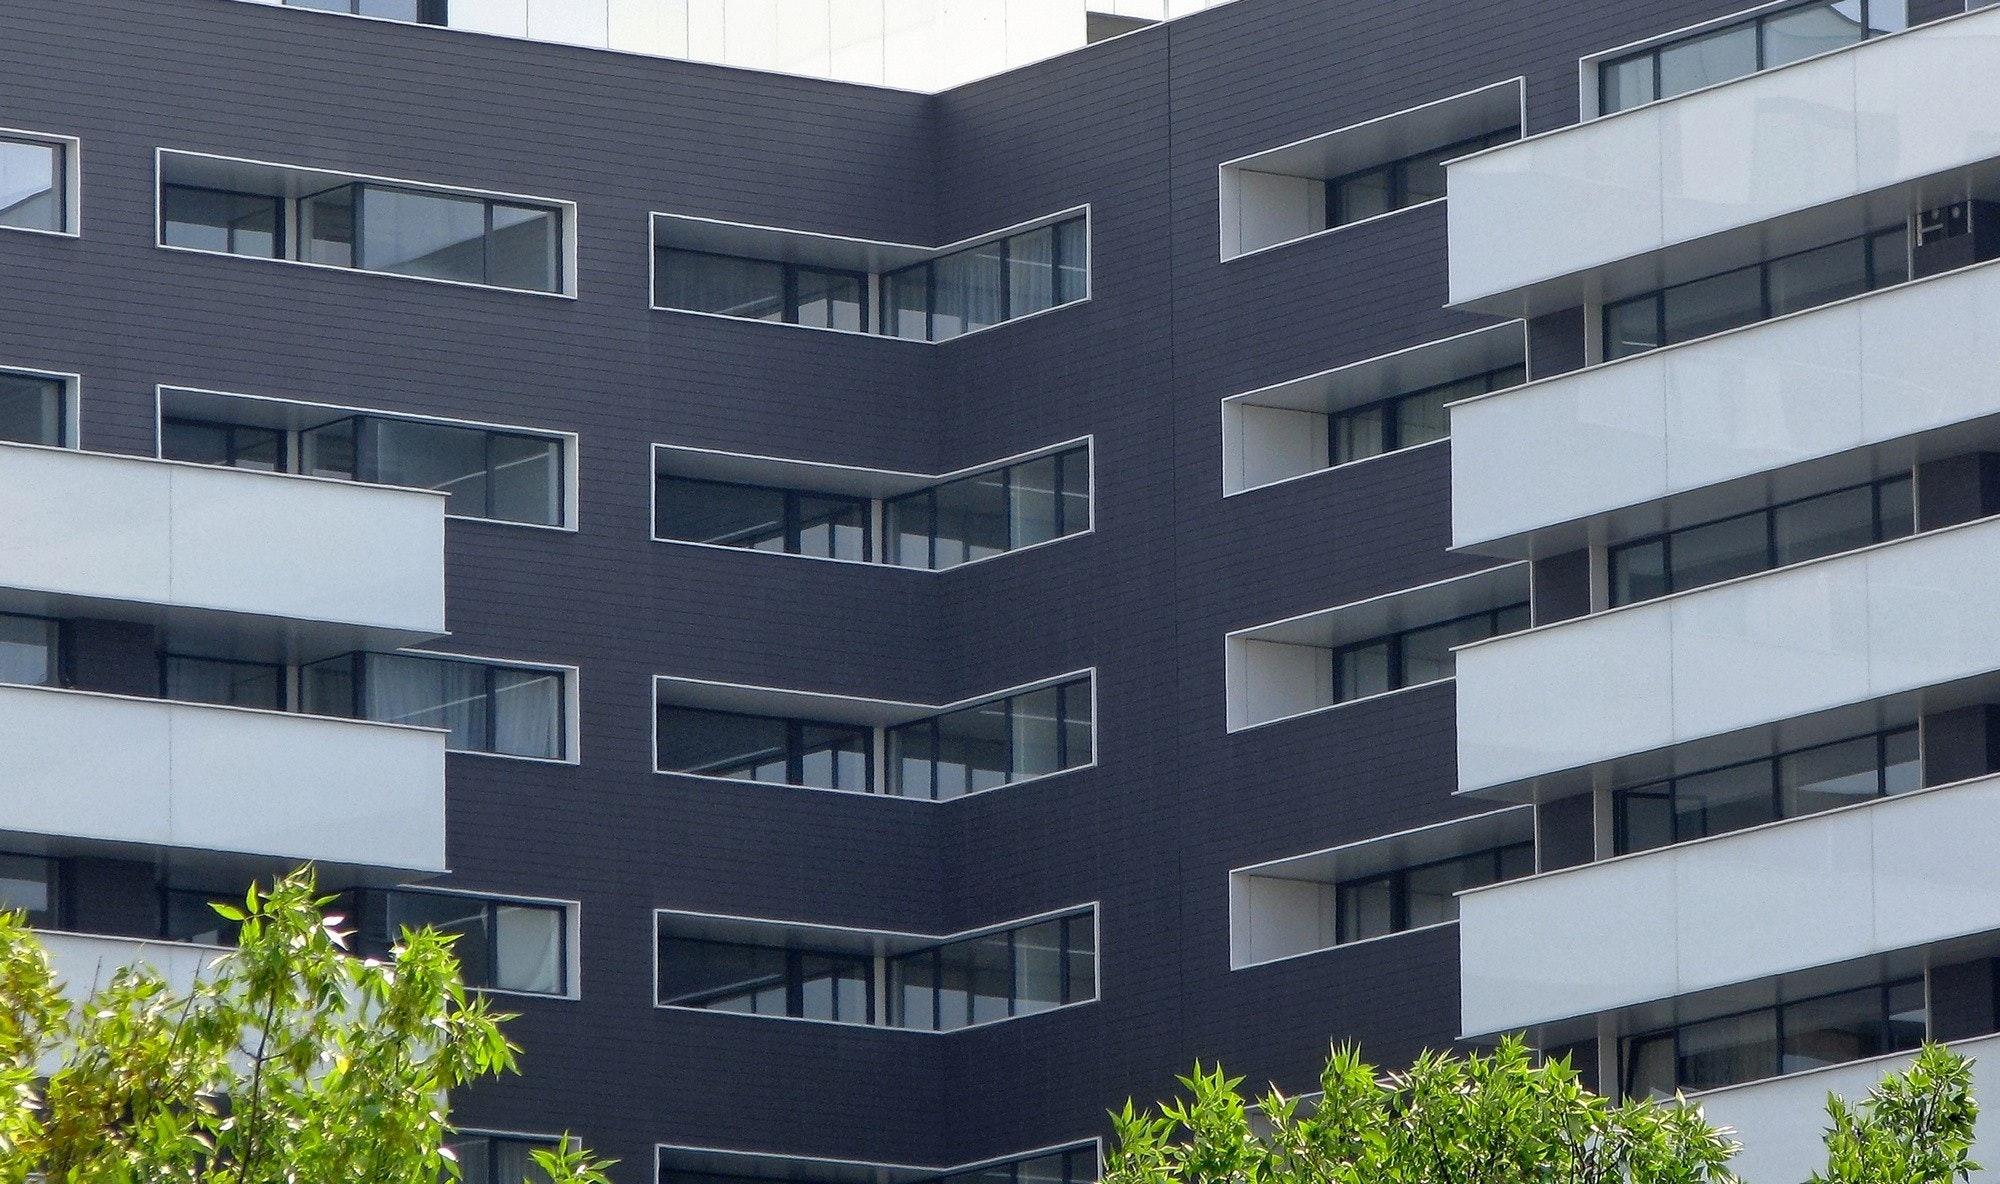 La nueva Ley Hipotecaria establece que se repartirán los gastos hipotecarios